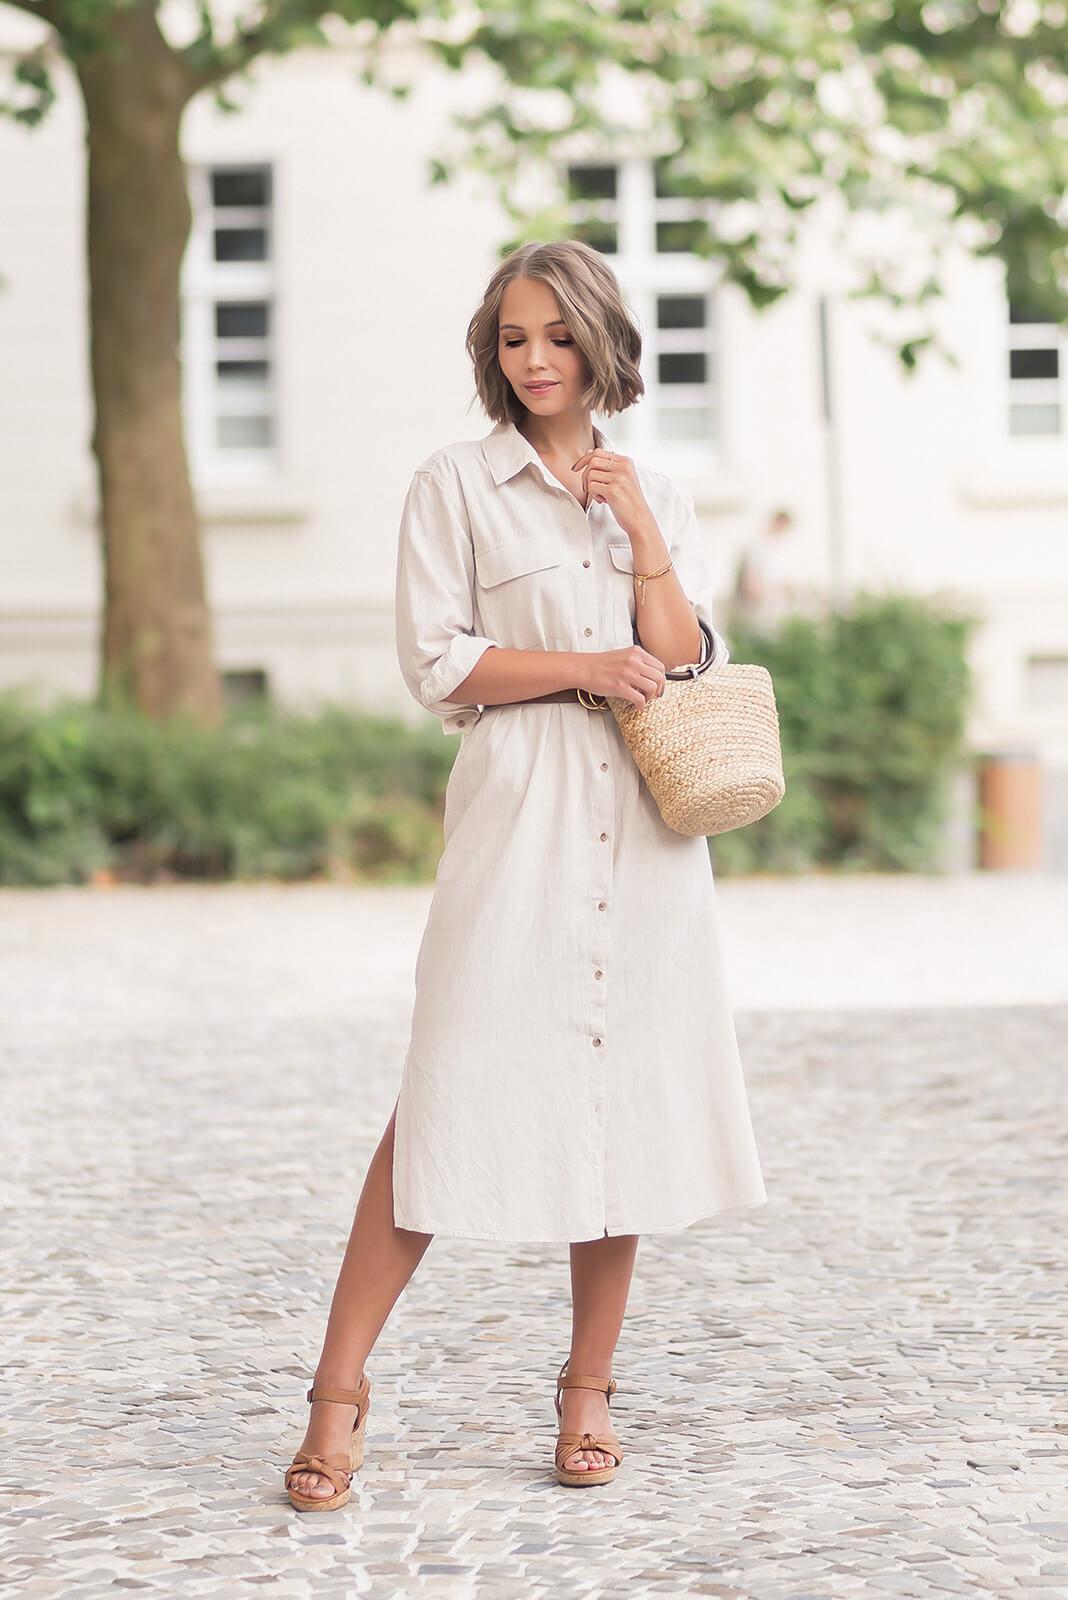 Sandalen in Naturtönen kombinieren, Sommeroutfit mit Hemdkleid und braunen Keilsandaletten, Shoelove by Deichmann